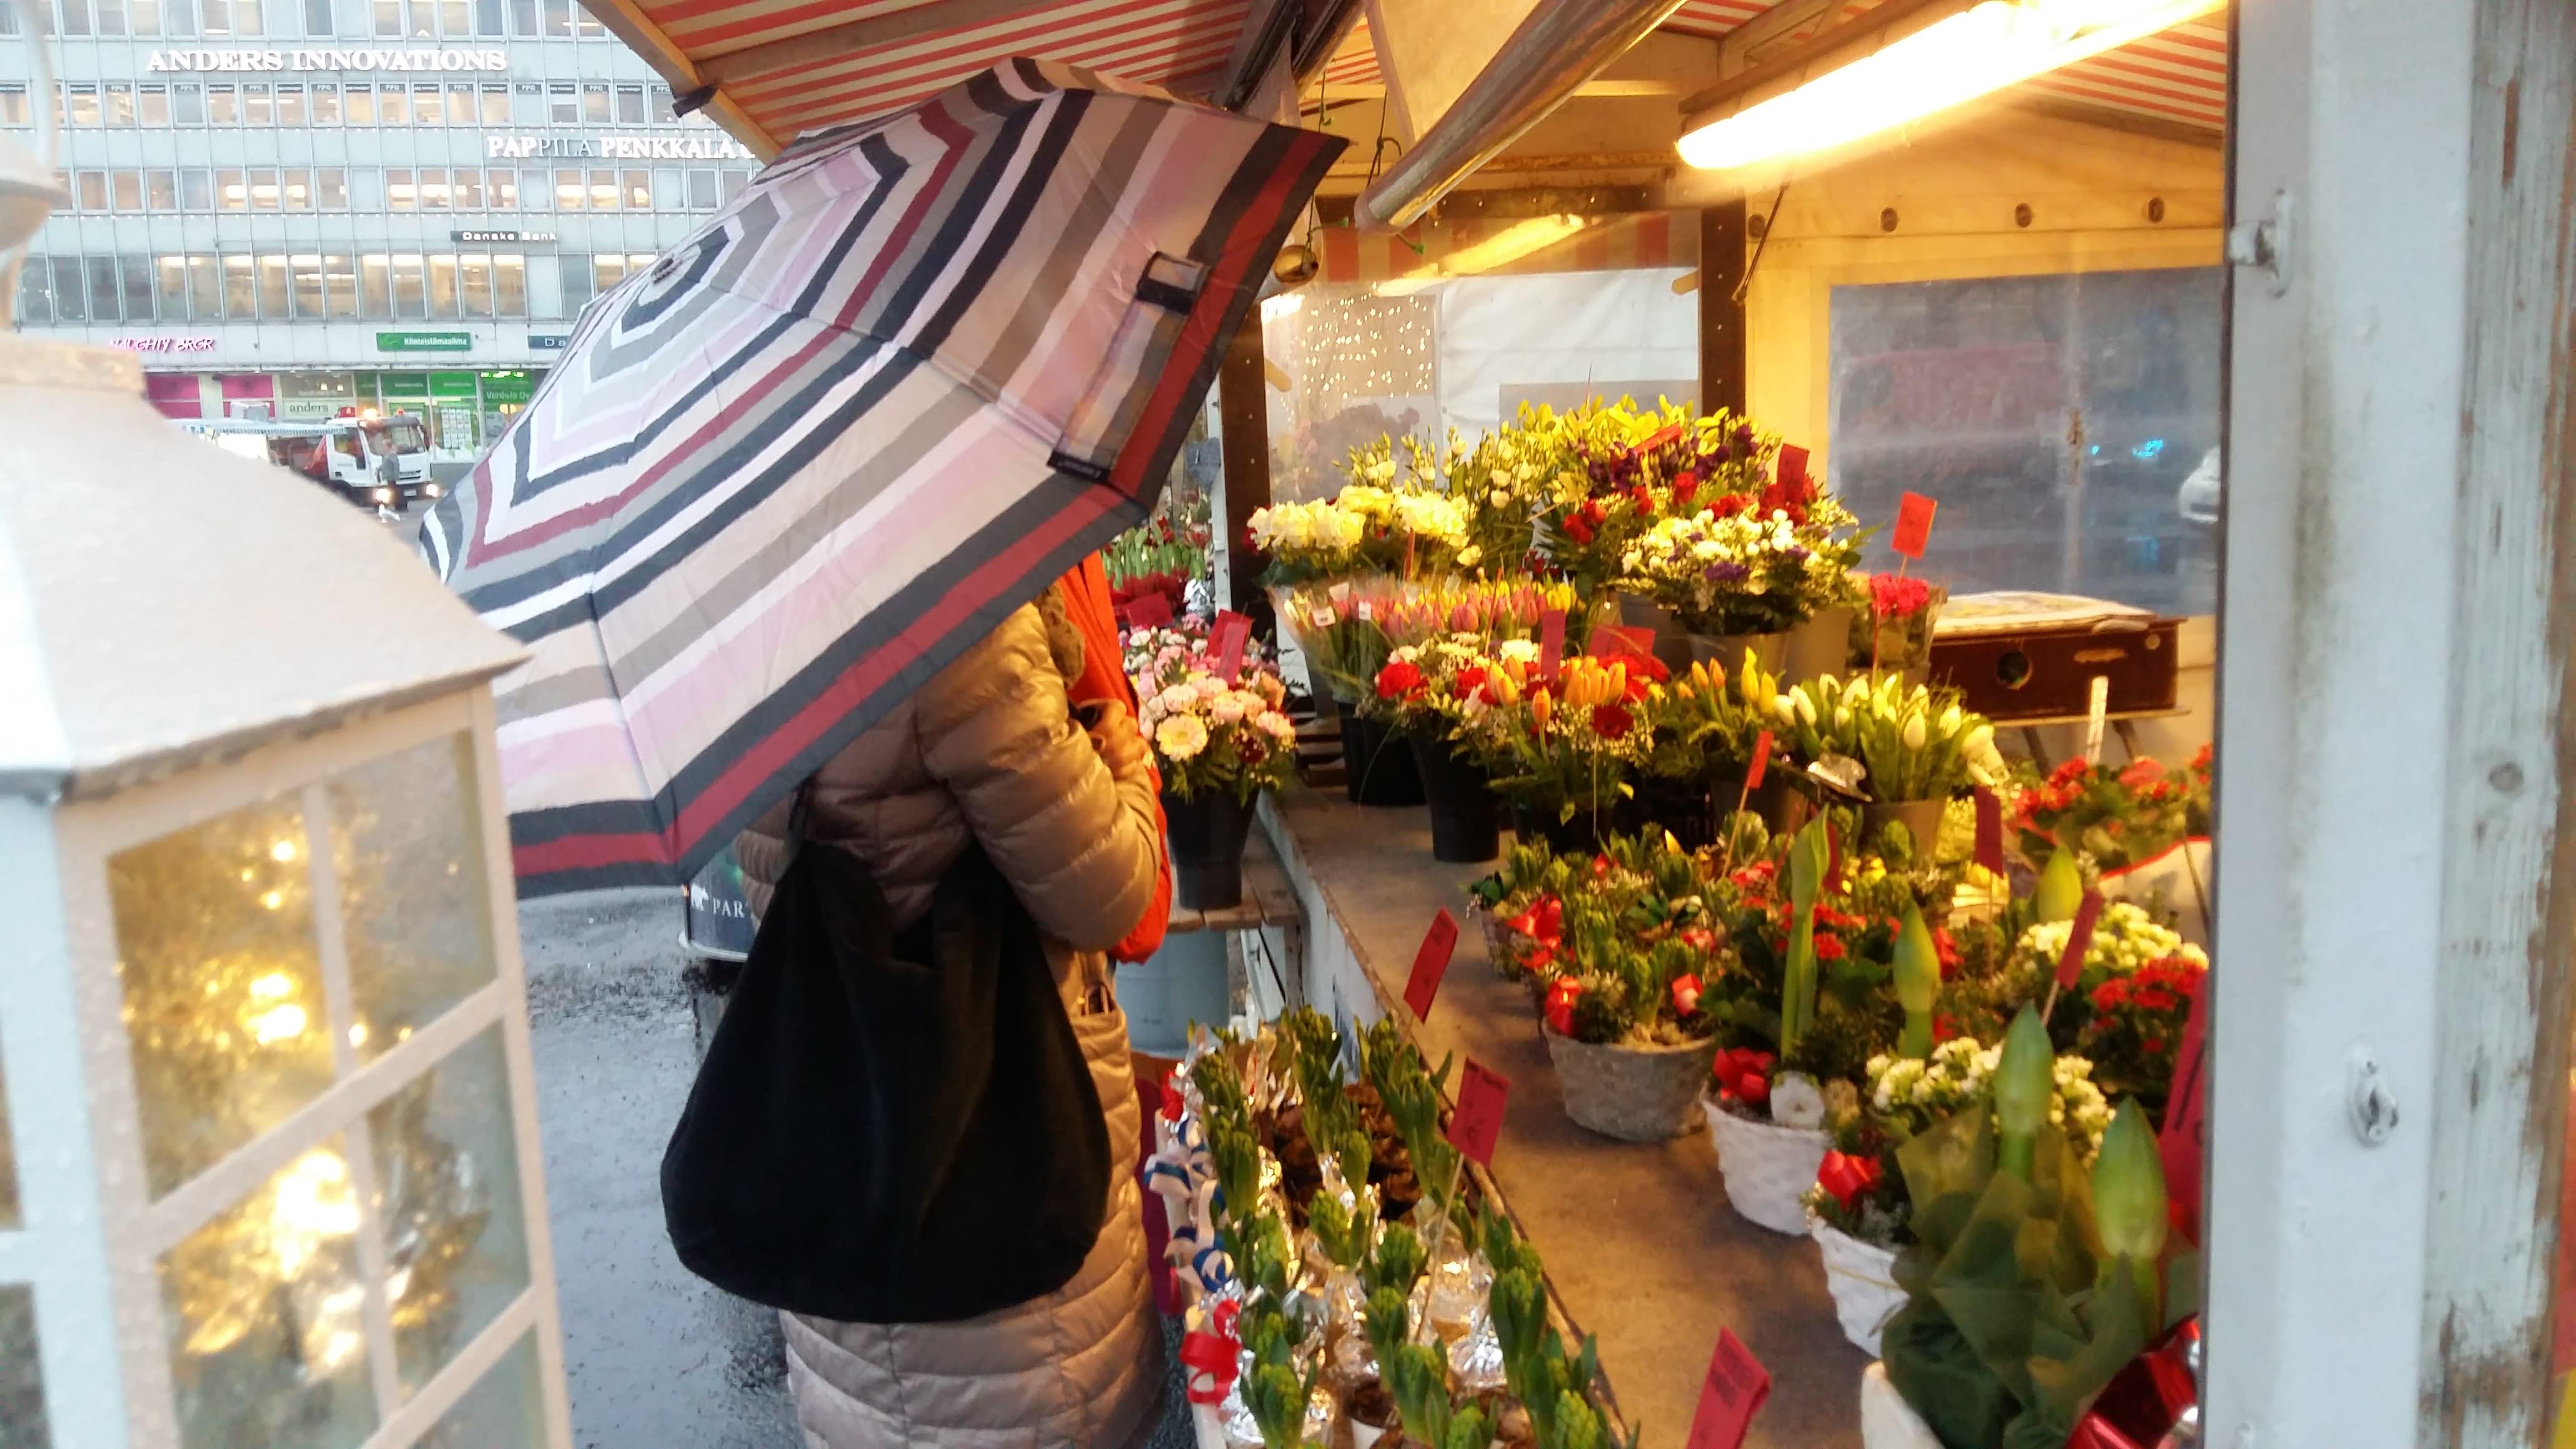 Nainen sateenvarjon kanssa torikojulla, jossa joulukukkia ja -valoja